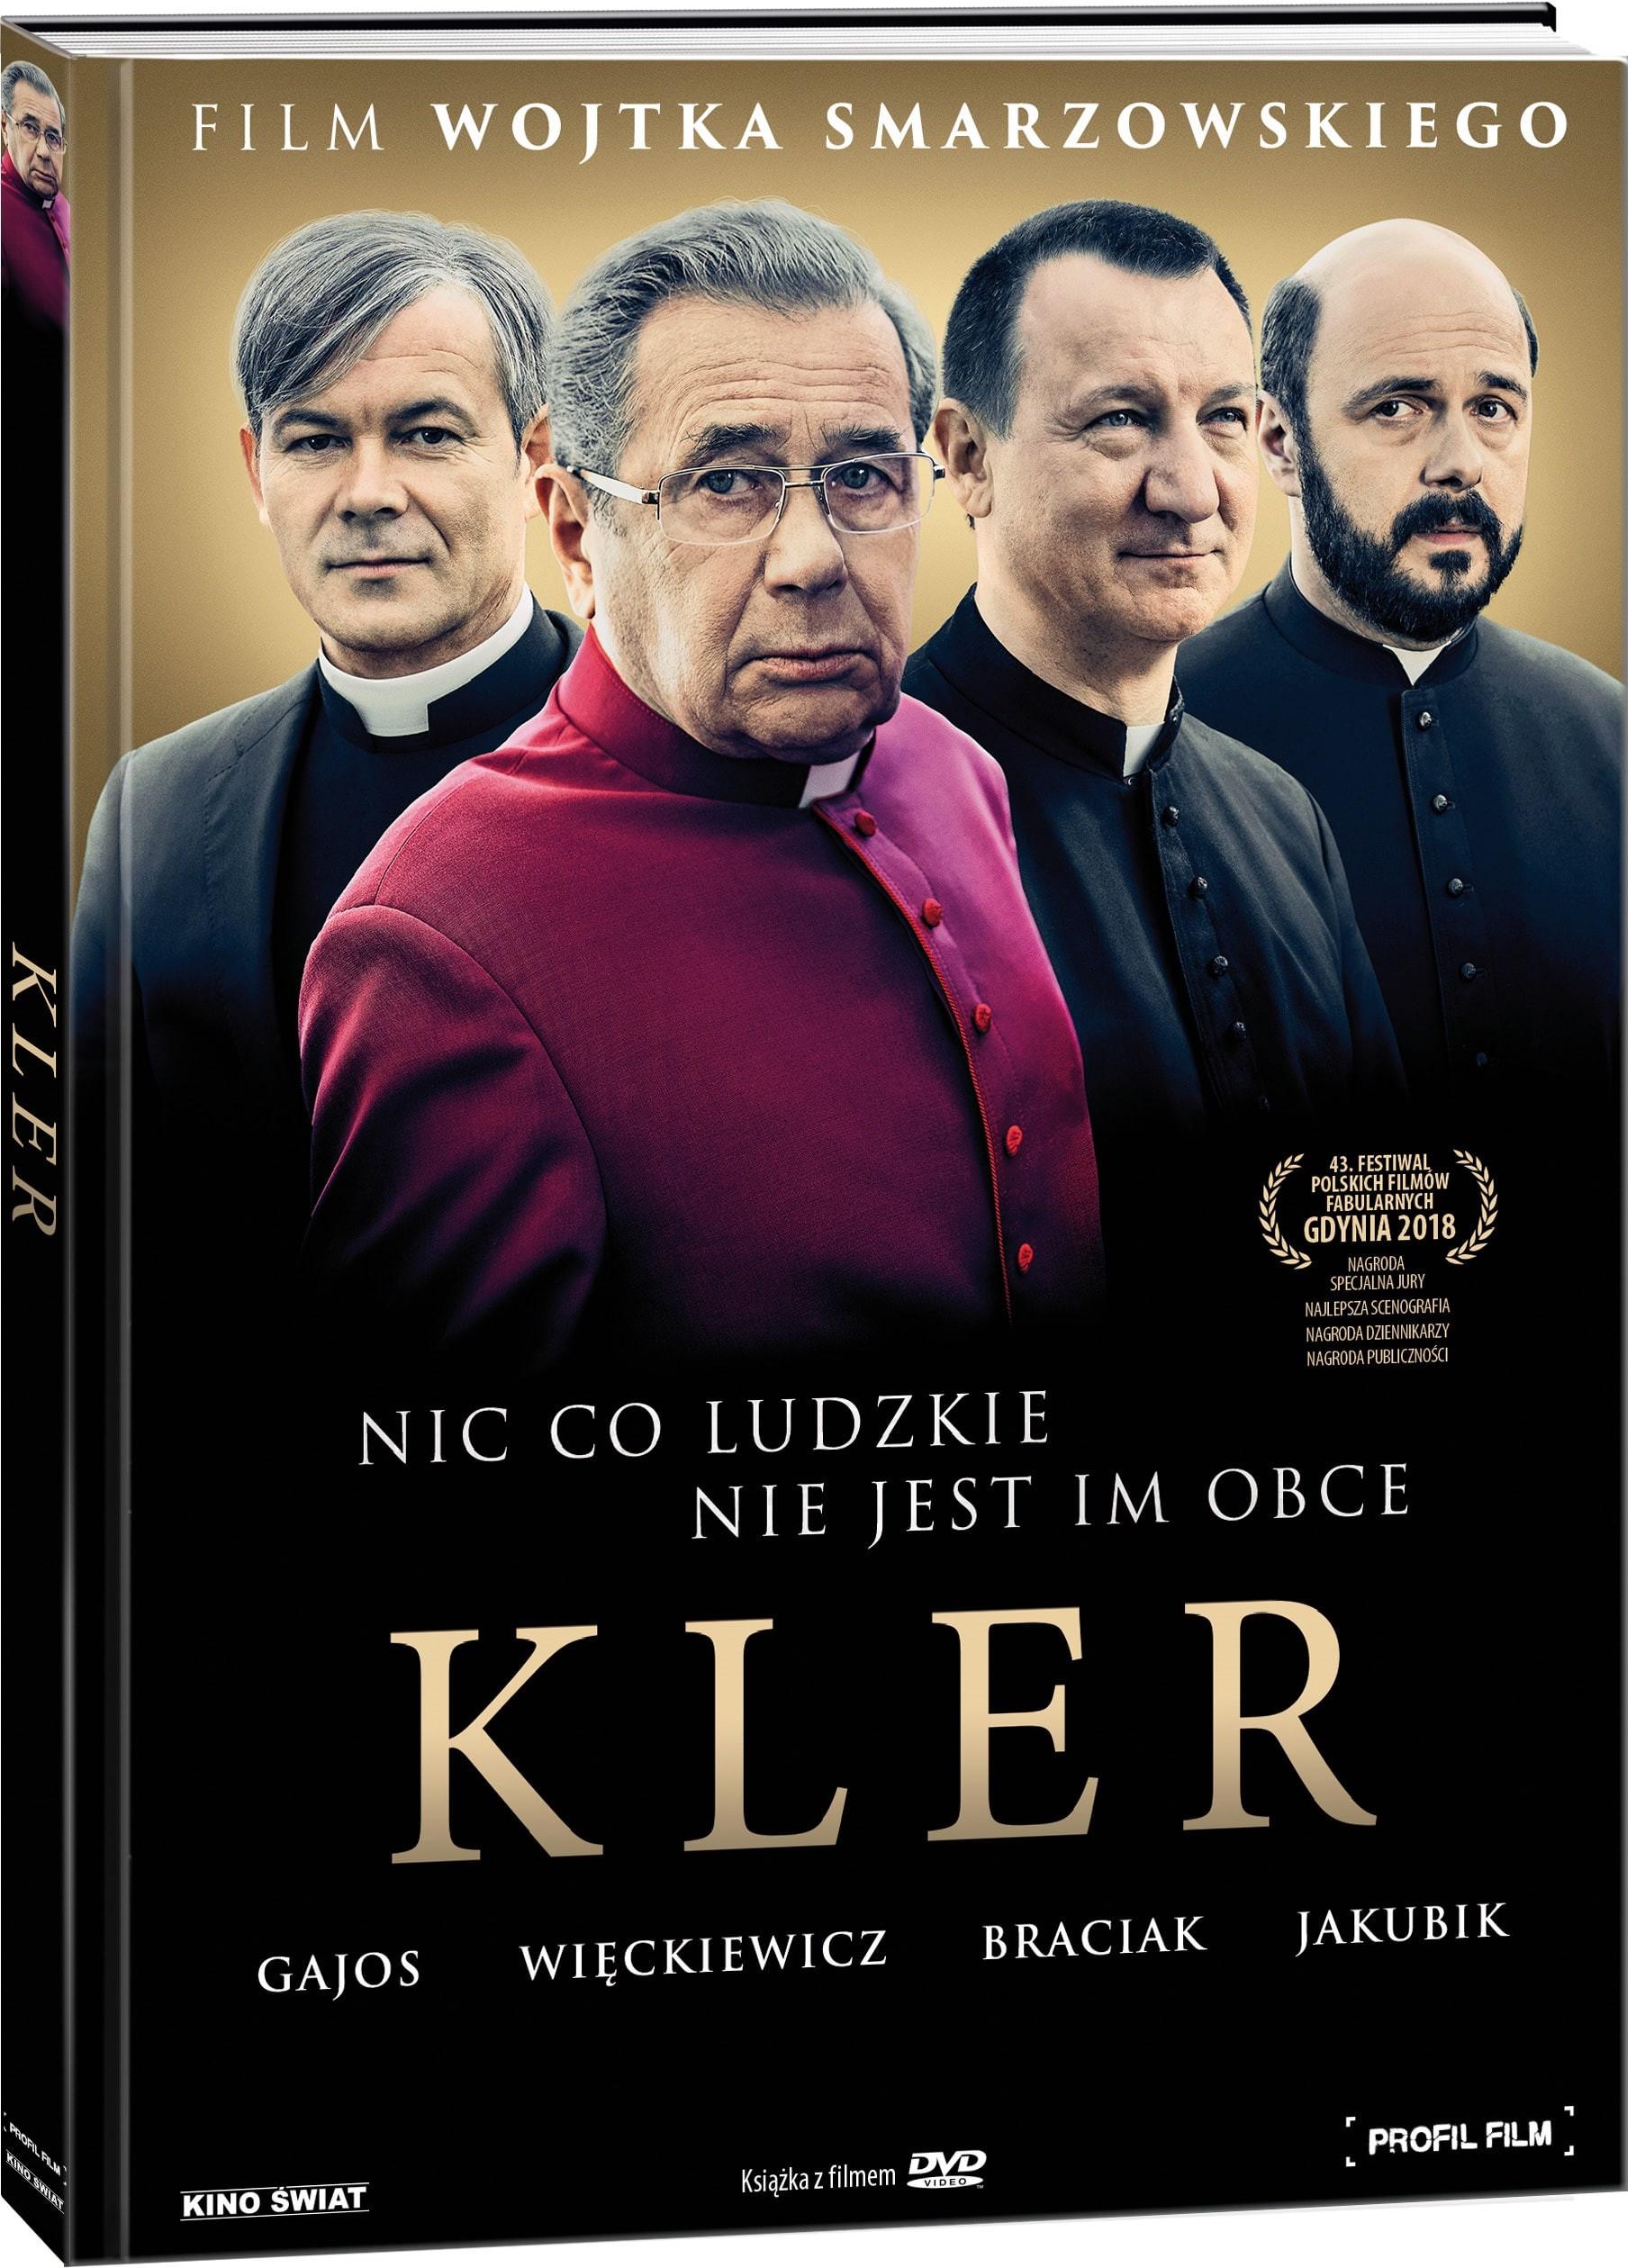 Kler_3D-DVD-z-ks-min.jpg